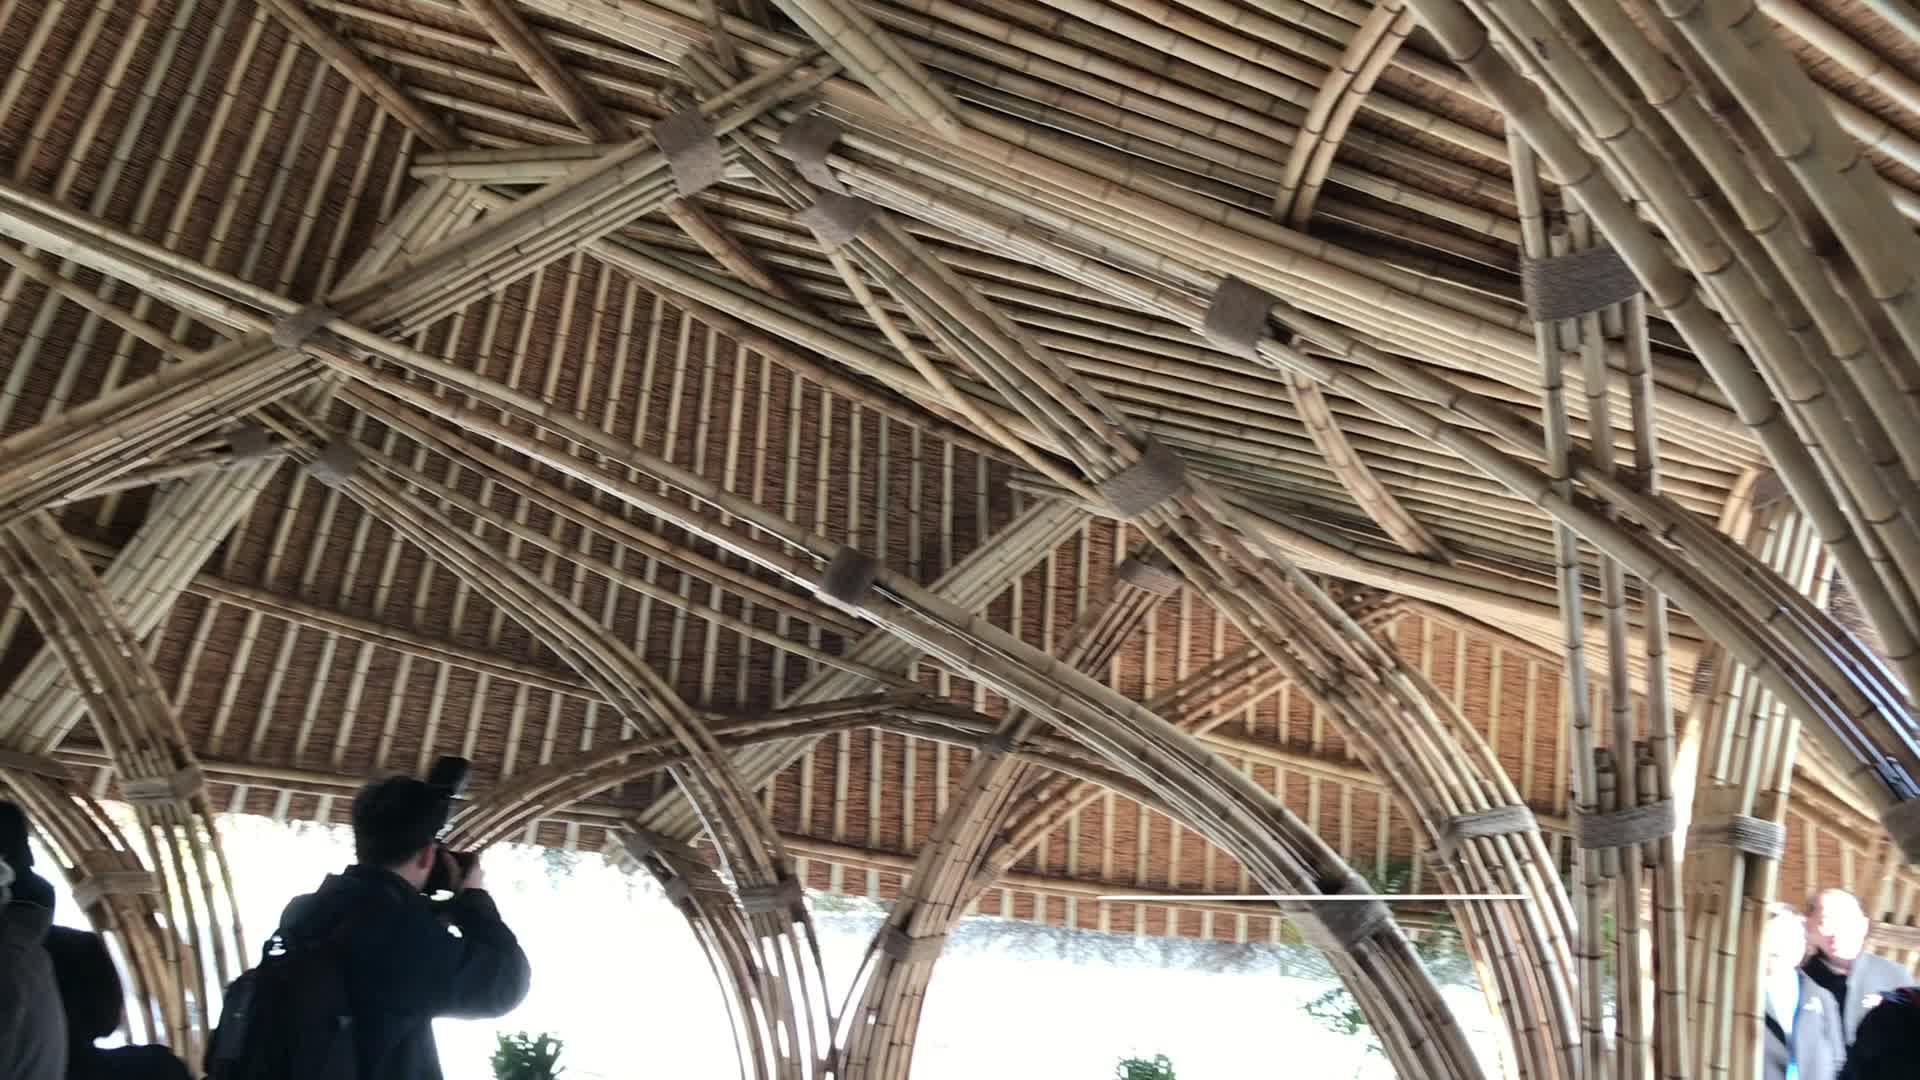 安吉:一场乡野间的竹建实验 探索乡村建设新方向